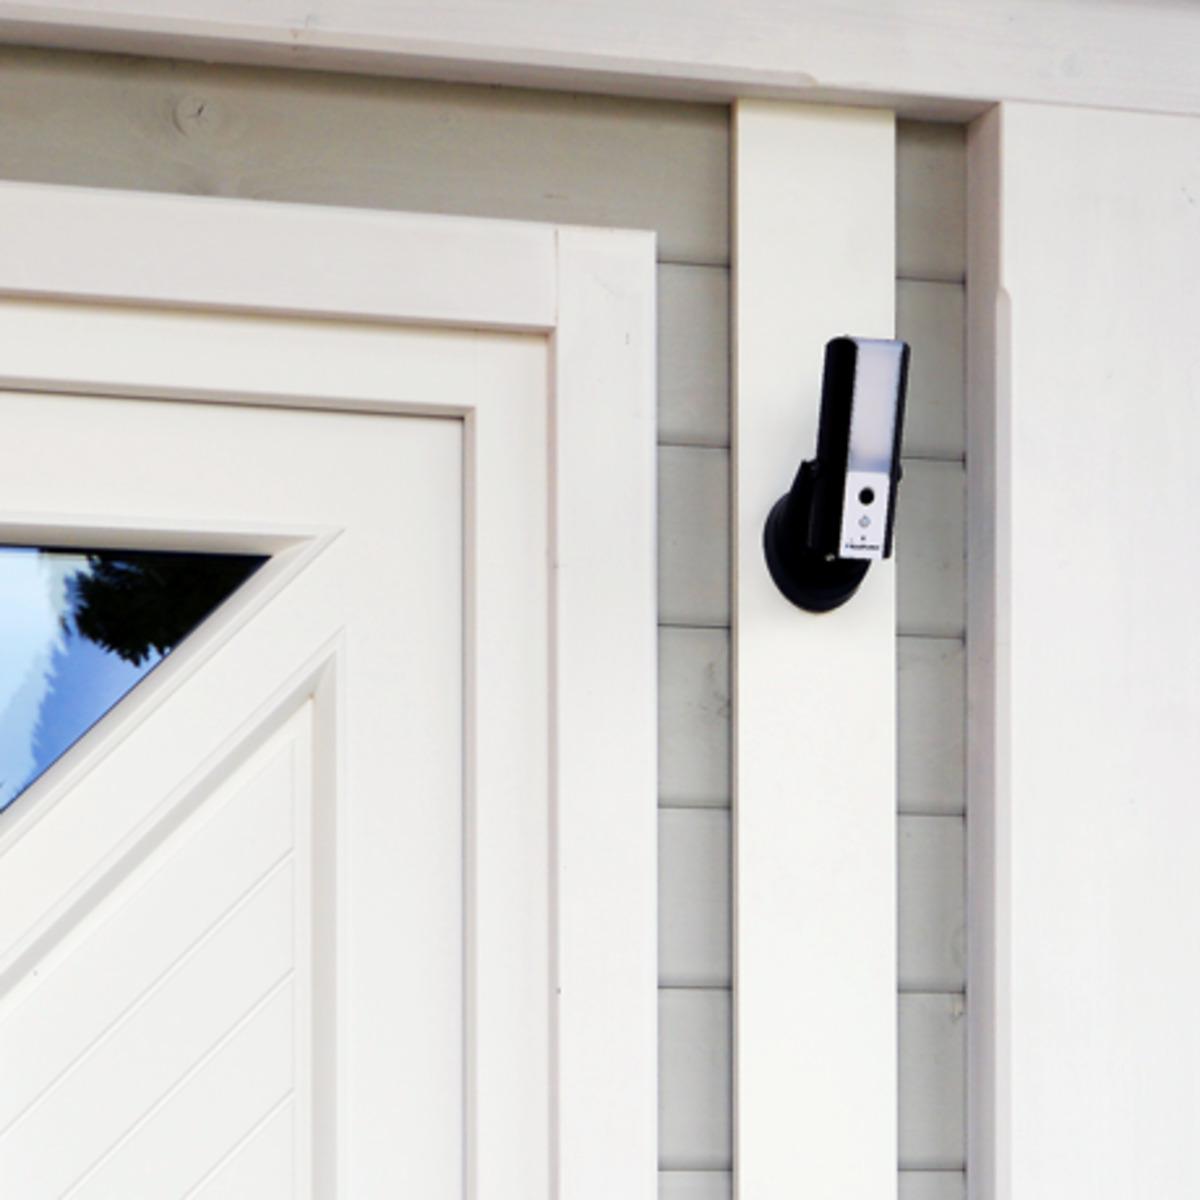 Bild 4 von Außenleuchte mit Überwachungskamera LampCam HOS-X201